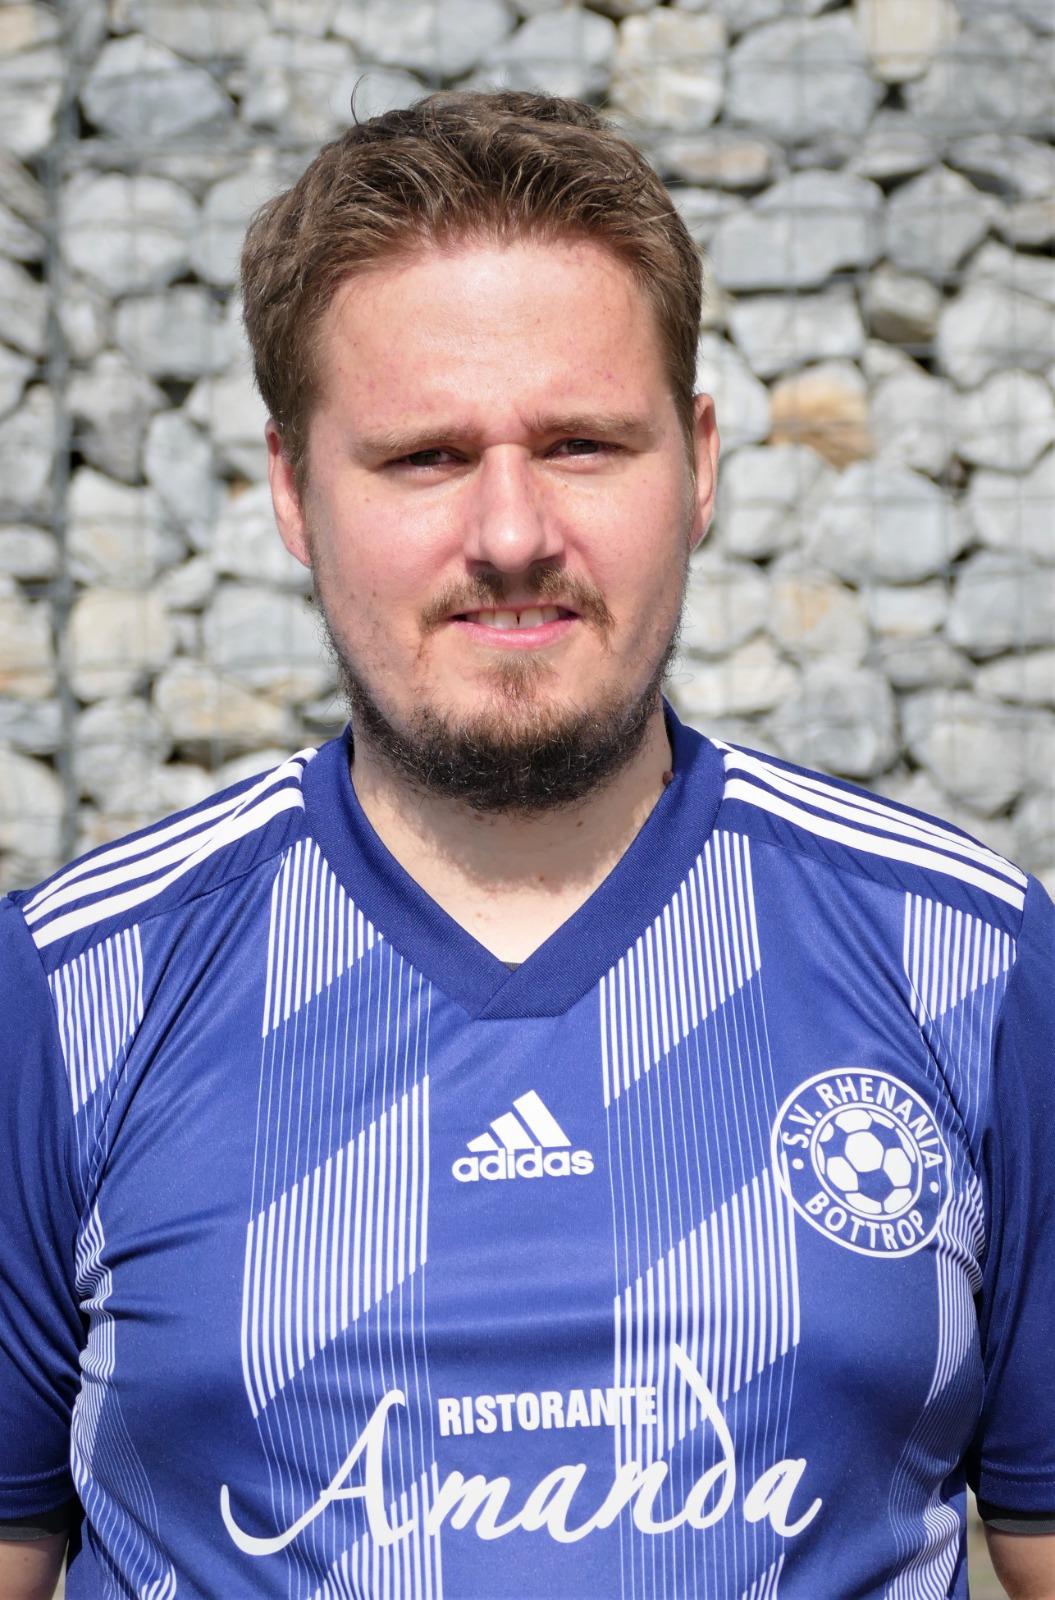 Sebastian Biehl